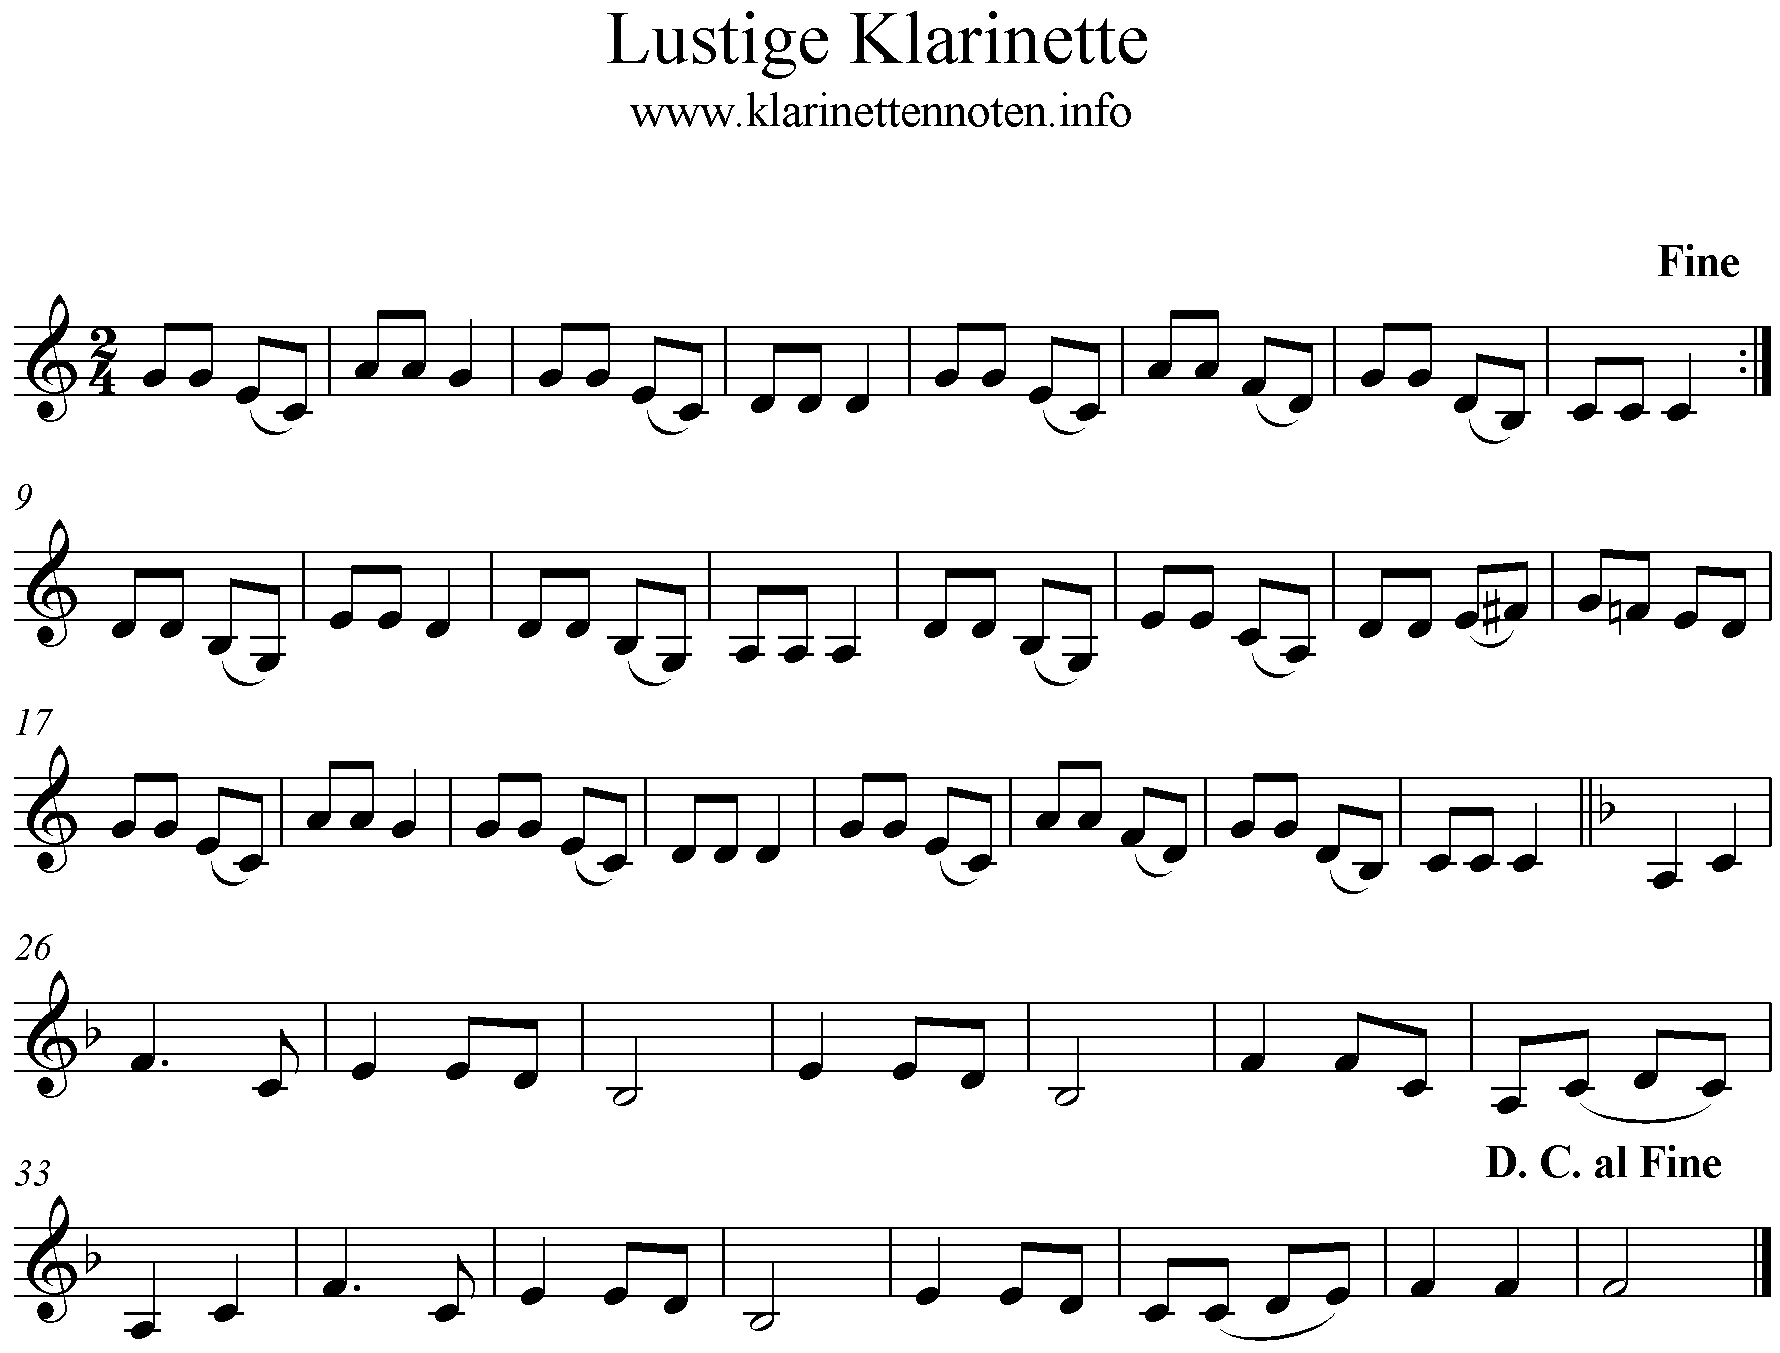 Lustige Klarinette